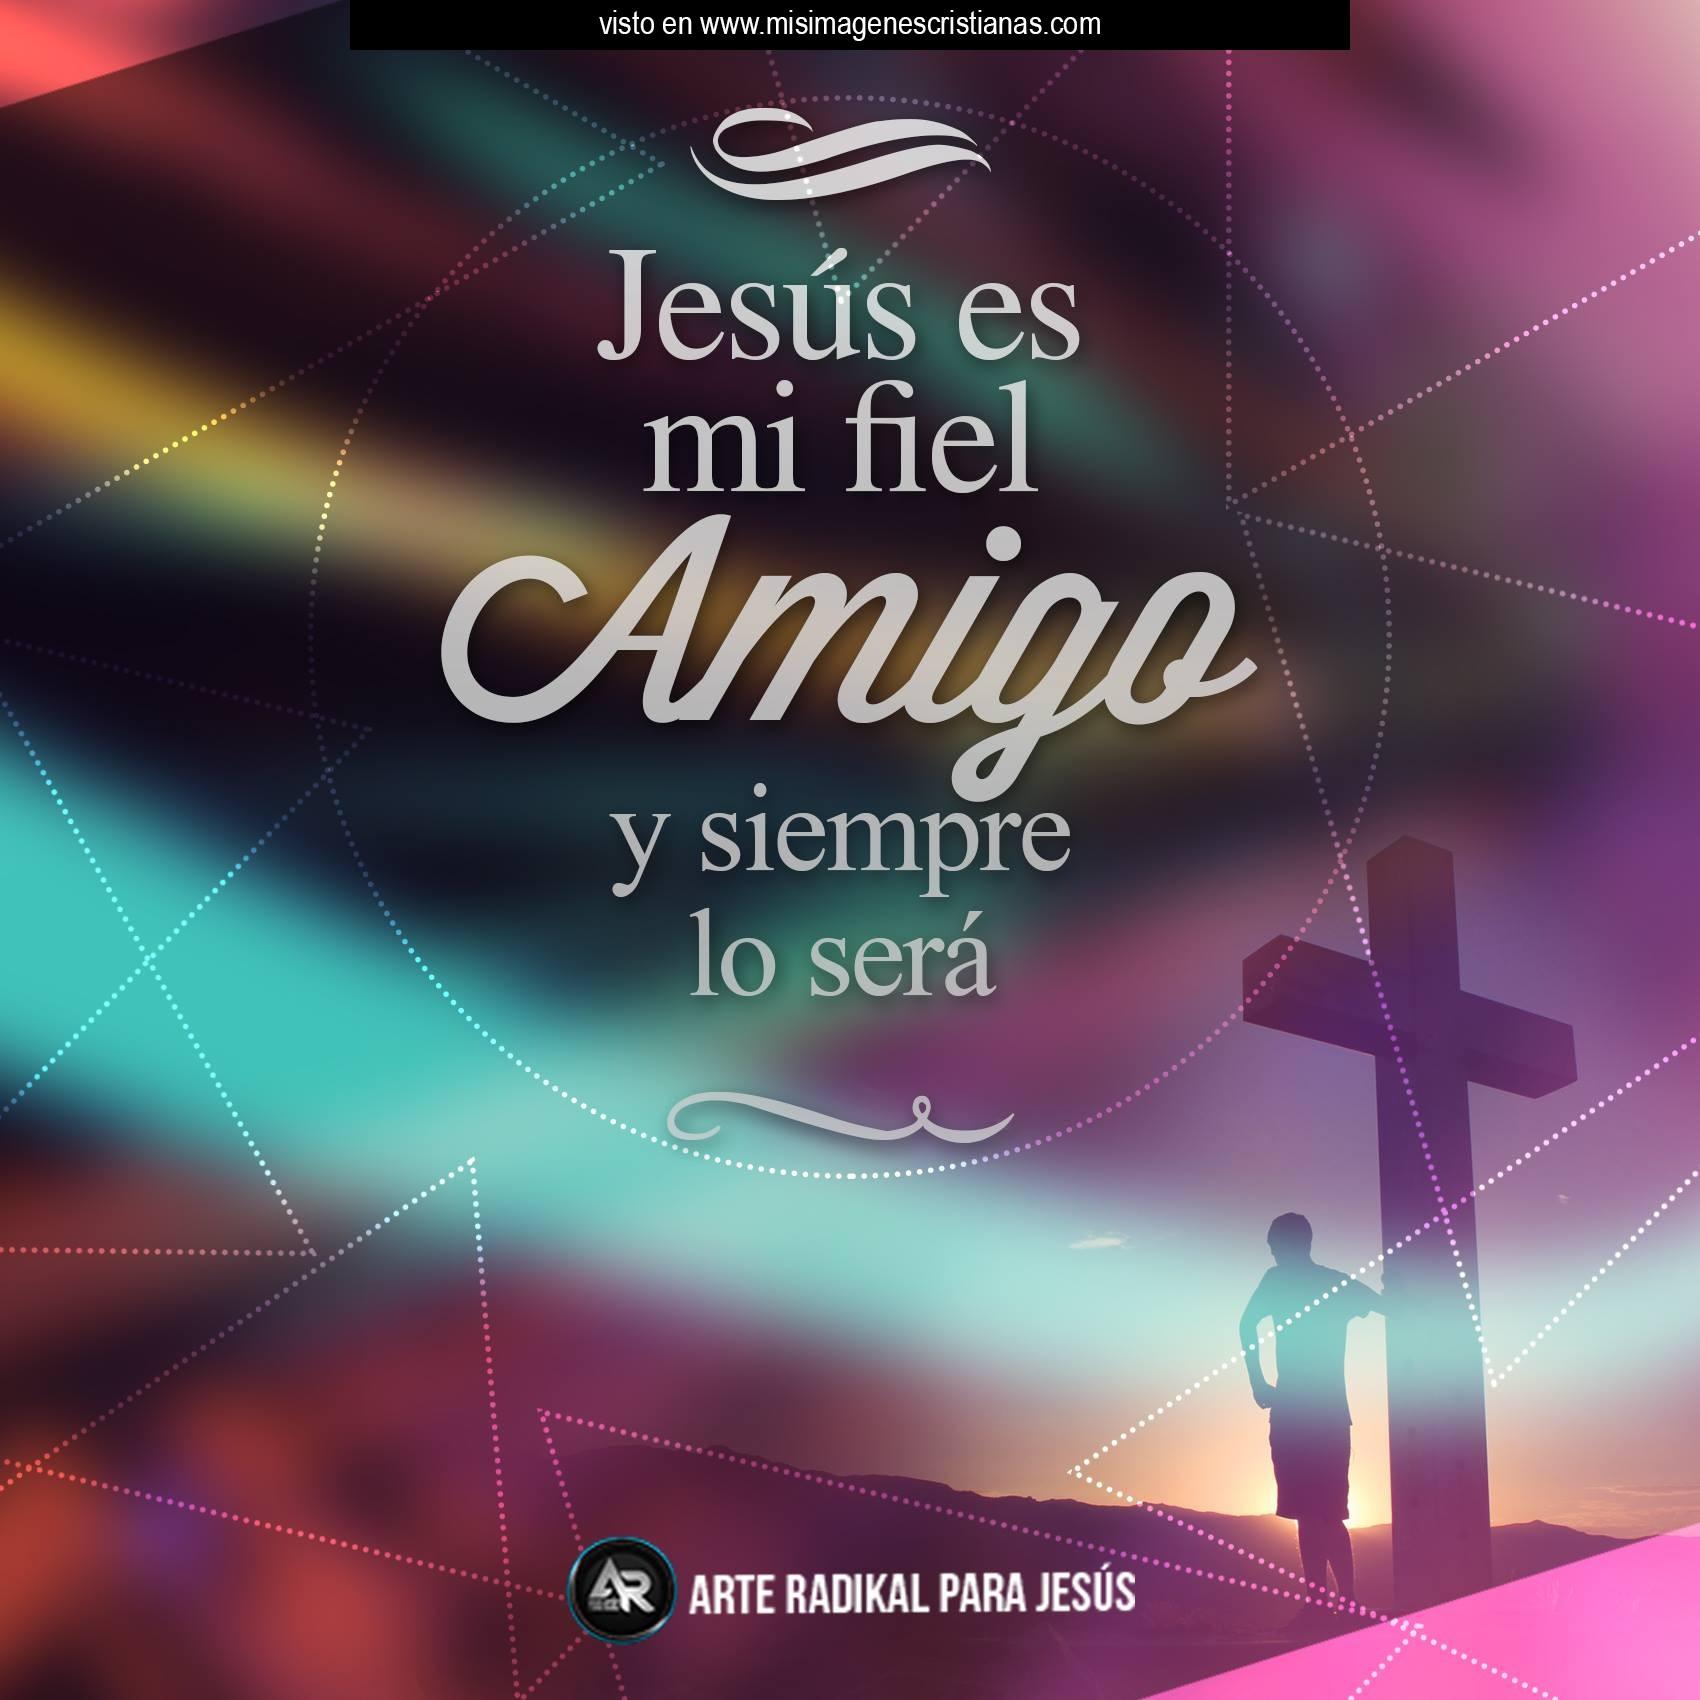 Versiculos De La Biblia De Animo: IMÁGENES DE JESÚS Con Bonitas FRASES CRISTIANAS